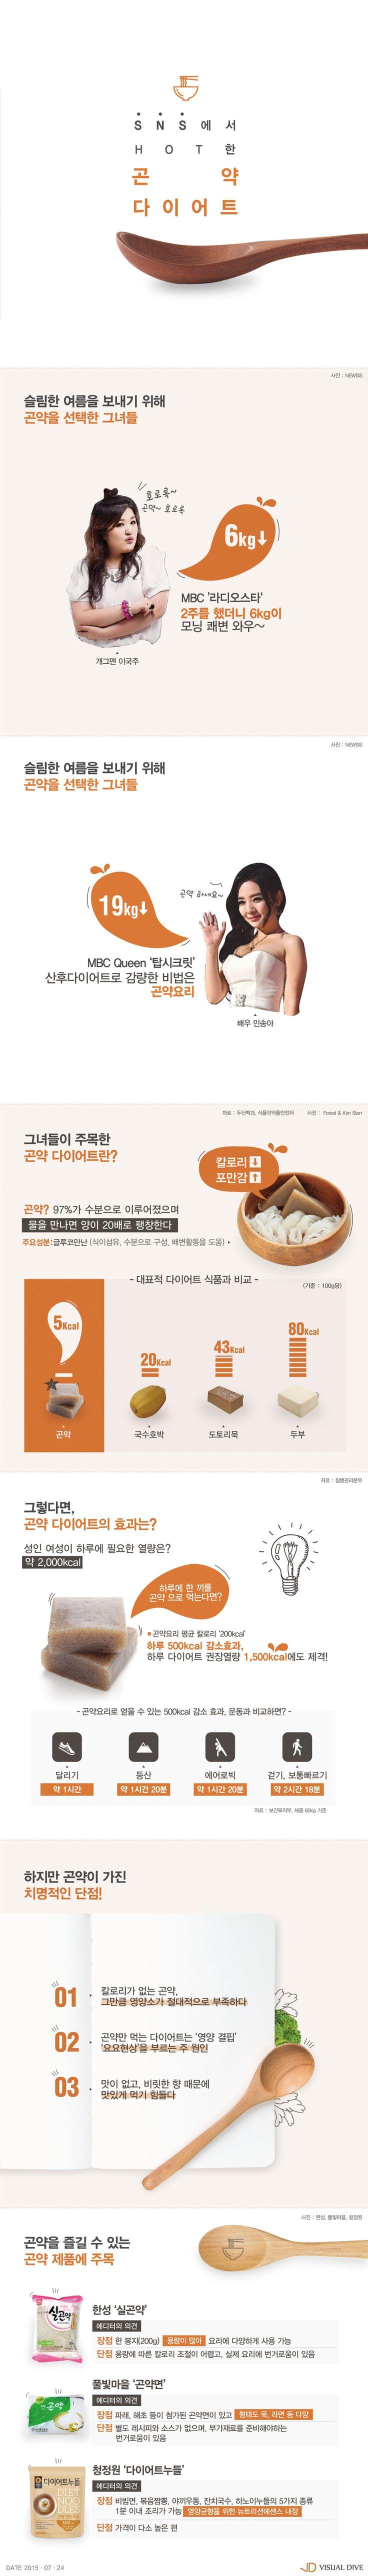 이국주도 했던 곤약 다이어트, 곤약을 맛있게 먹는 방법은? [인포그래픽] | 비주얼다이브